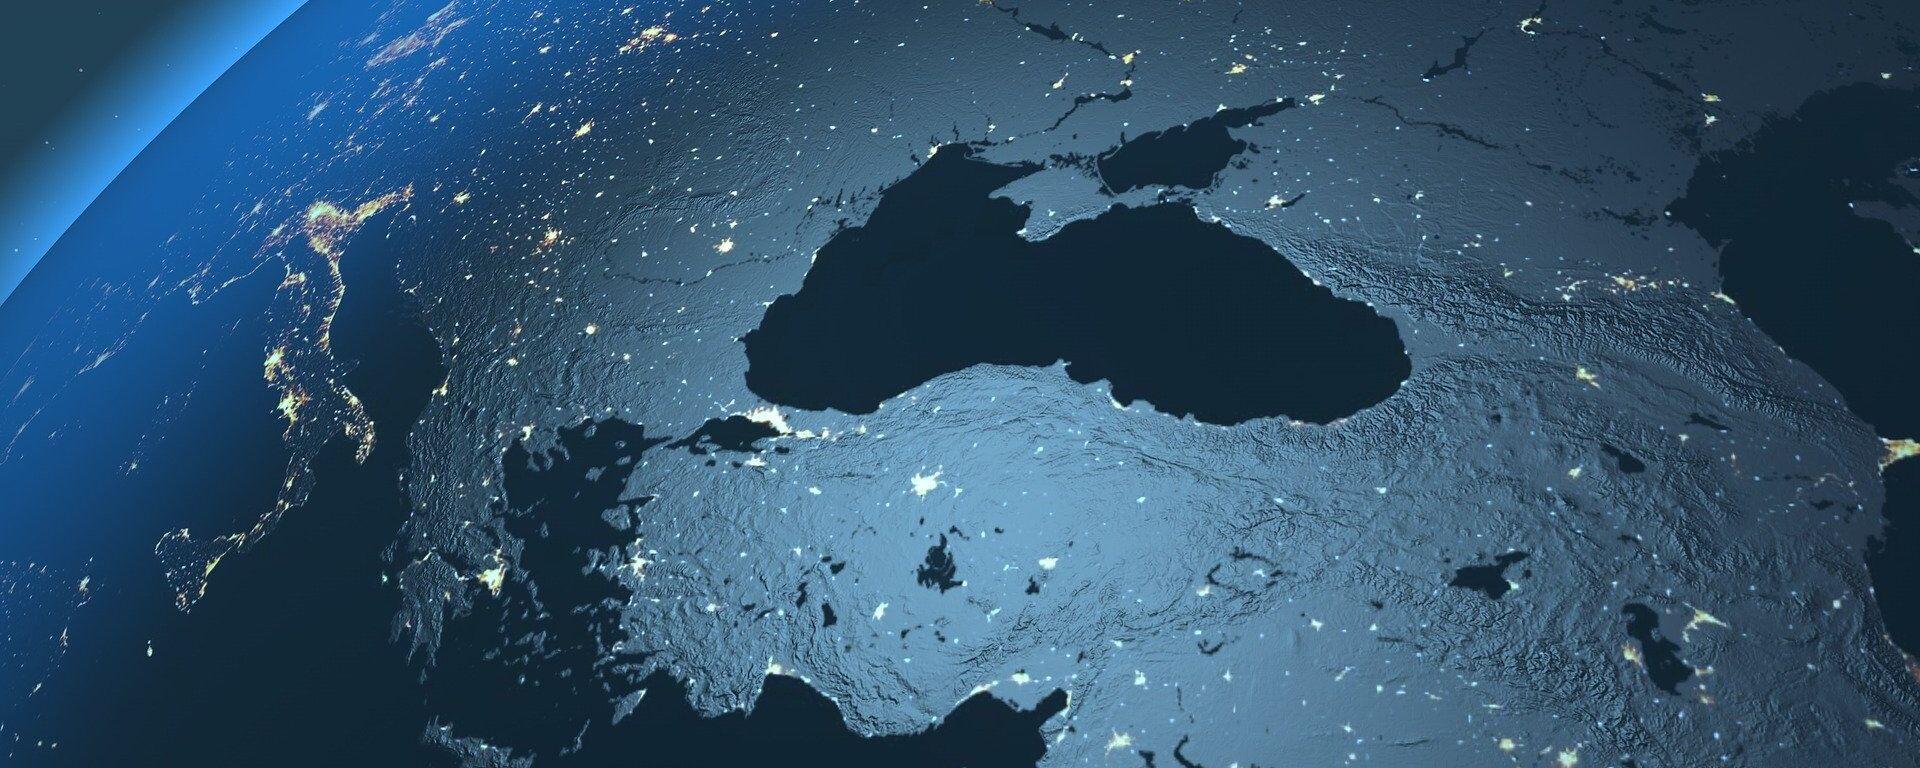 El mar Negro visto desde el espacio (imagen referencial) - Sputnik Mundo, 1920, 04.06.2021